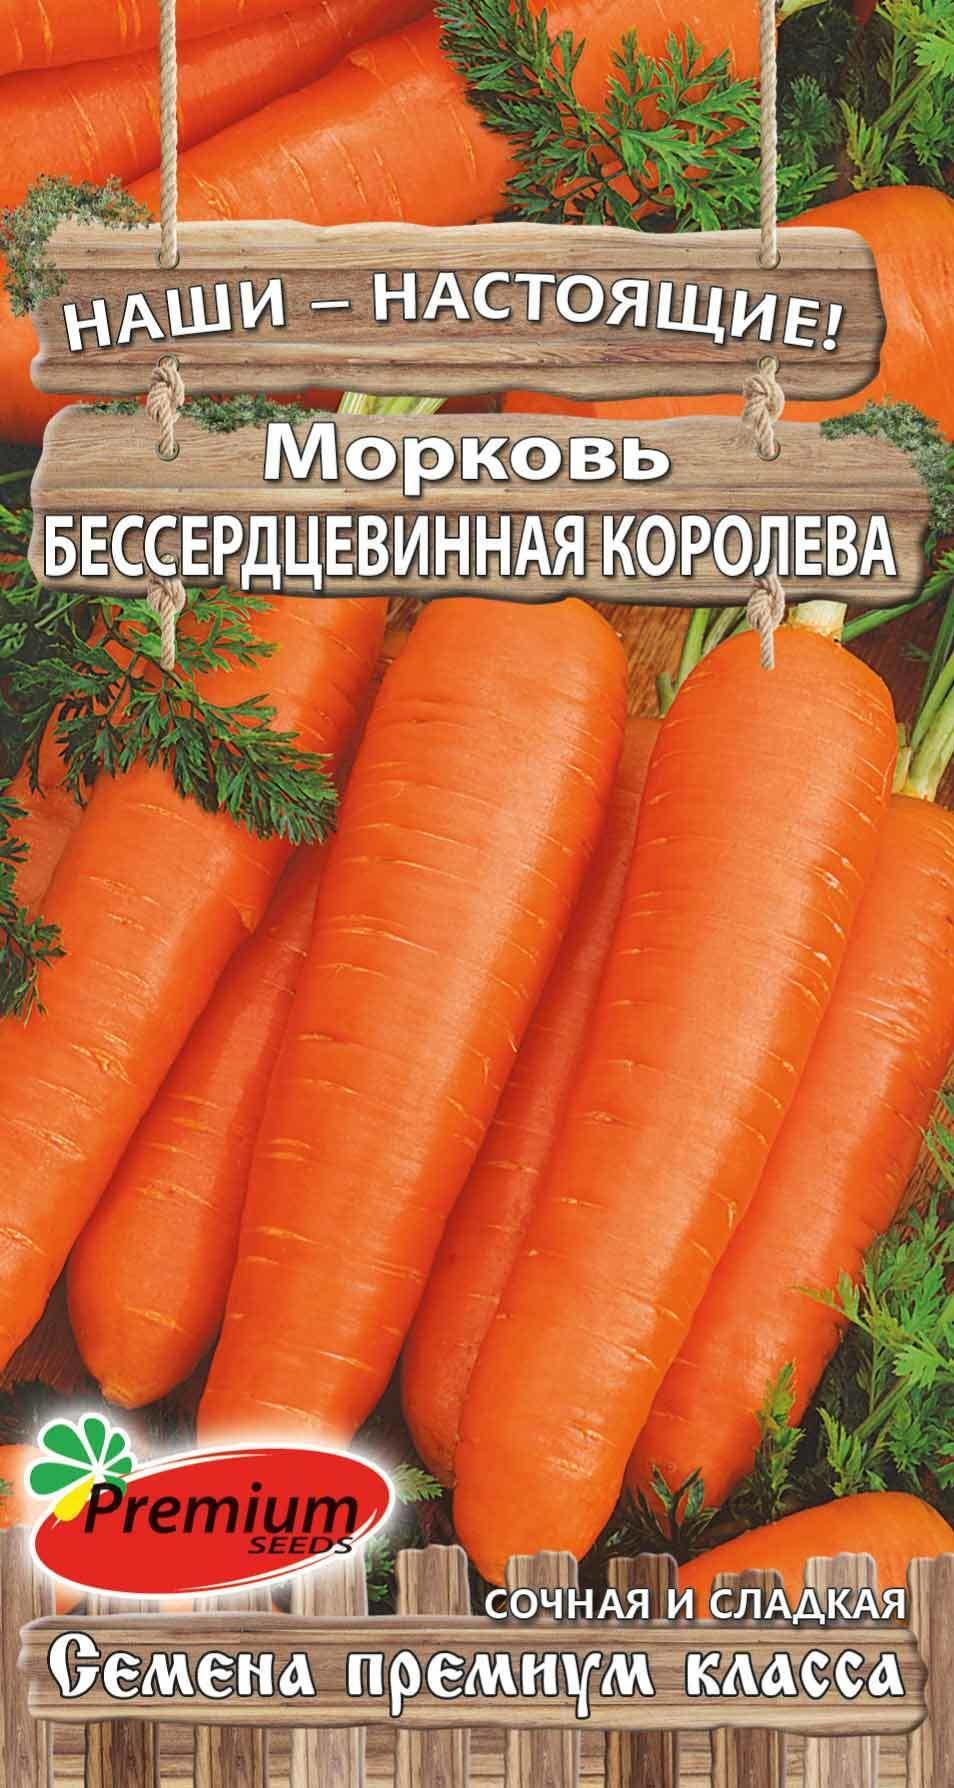 Морковь бессердцевинная королева 01363